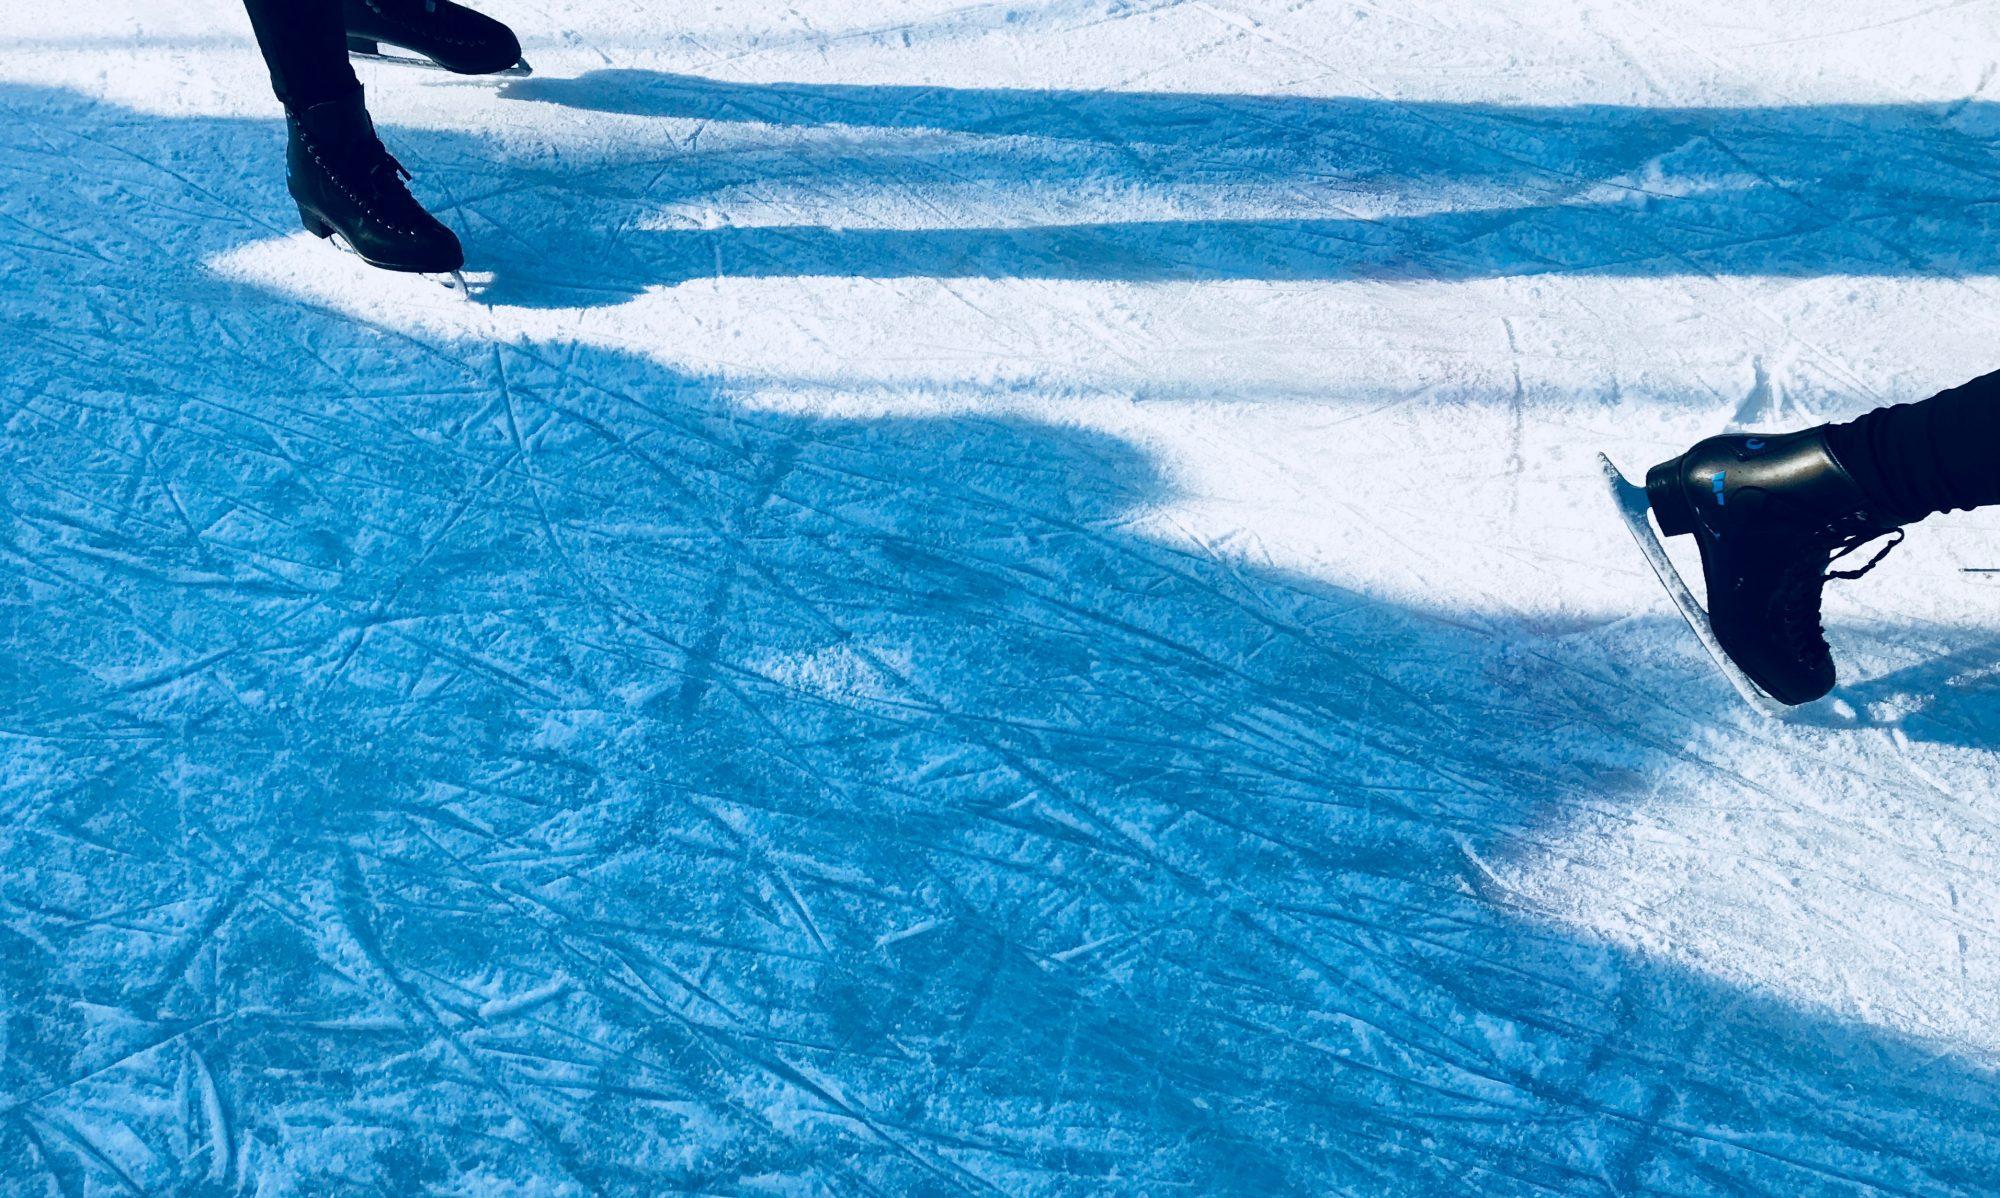 Förderverein Eissport für Wiesbaden e.V.